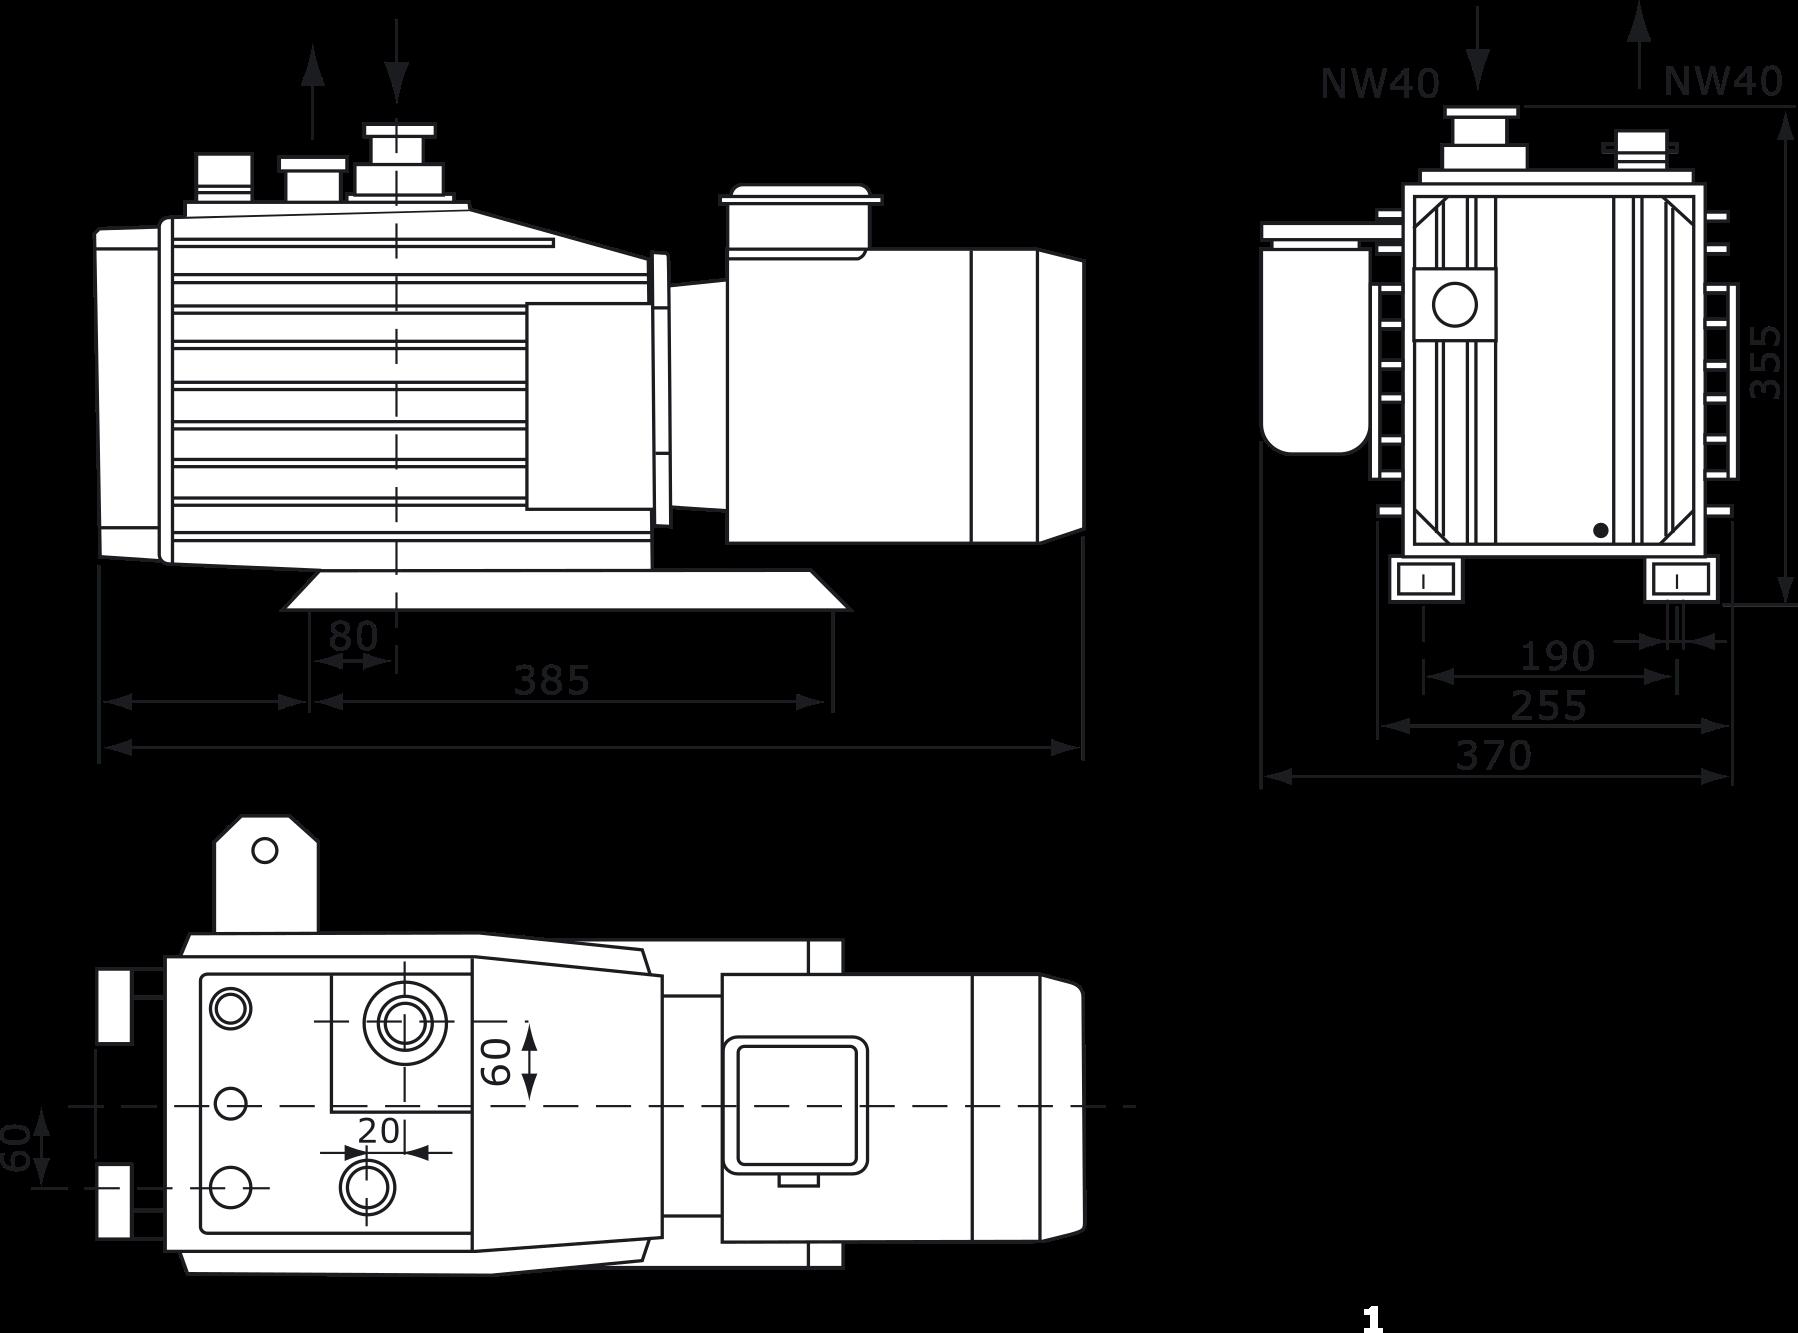 SchematBW63